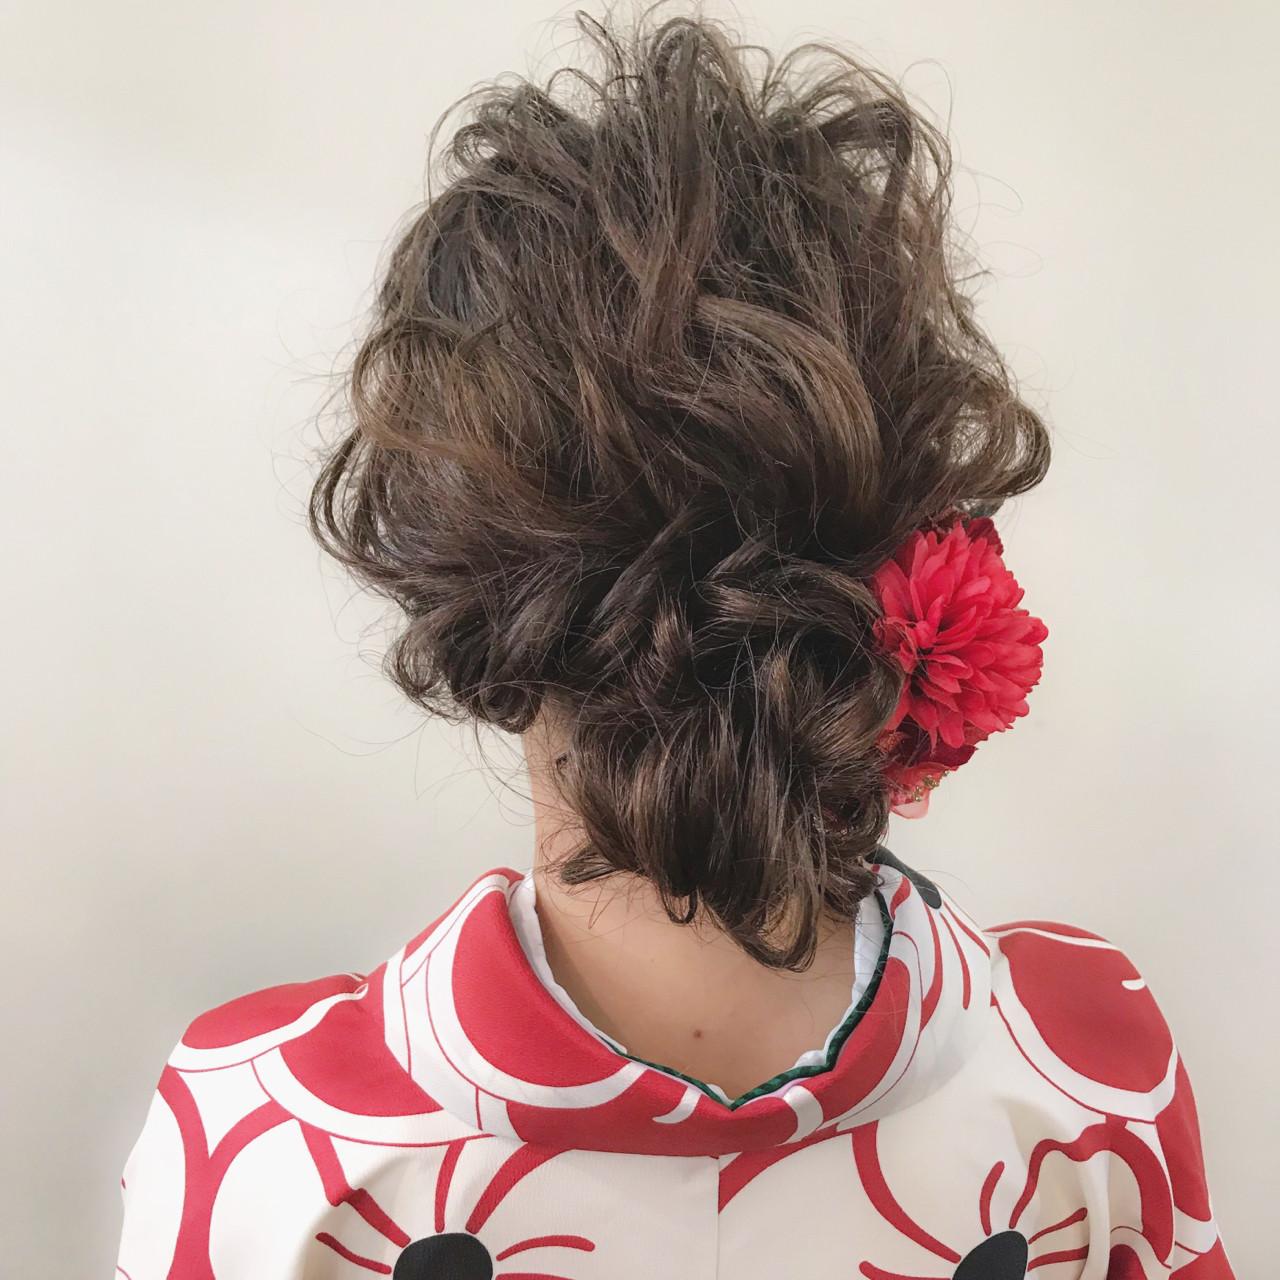 ナチュラル ブリーチ ミディアム 成人式 ヘアスタイルや髪型の写真・画像